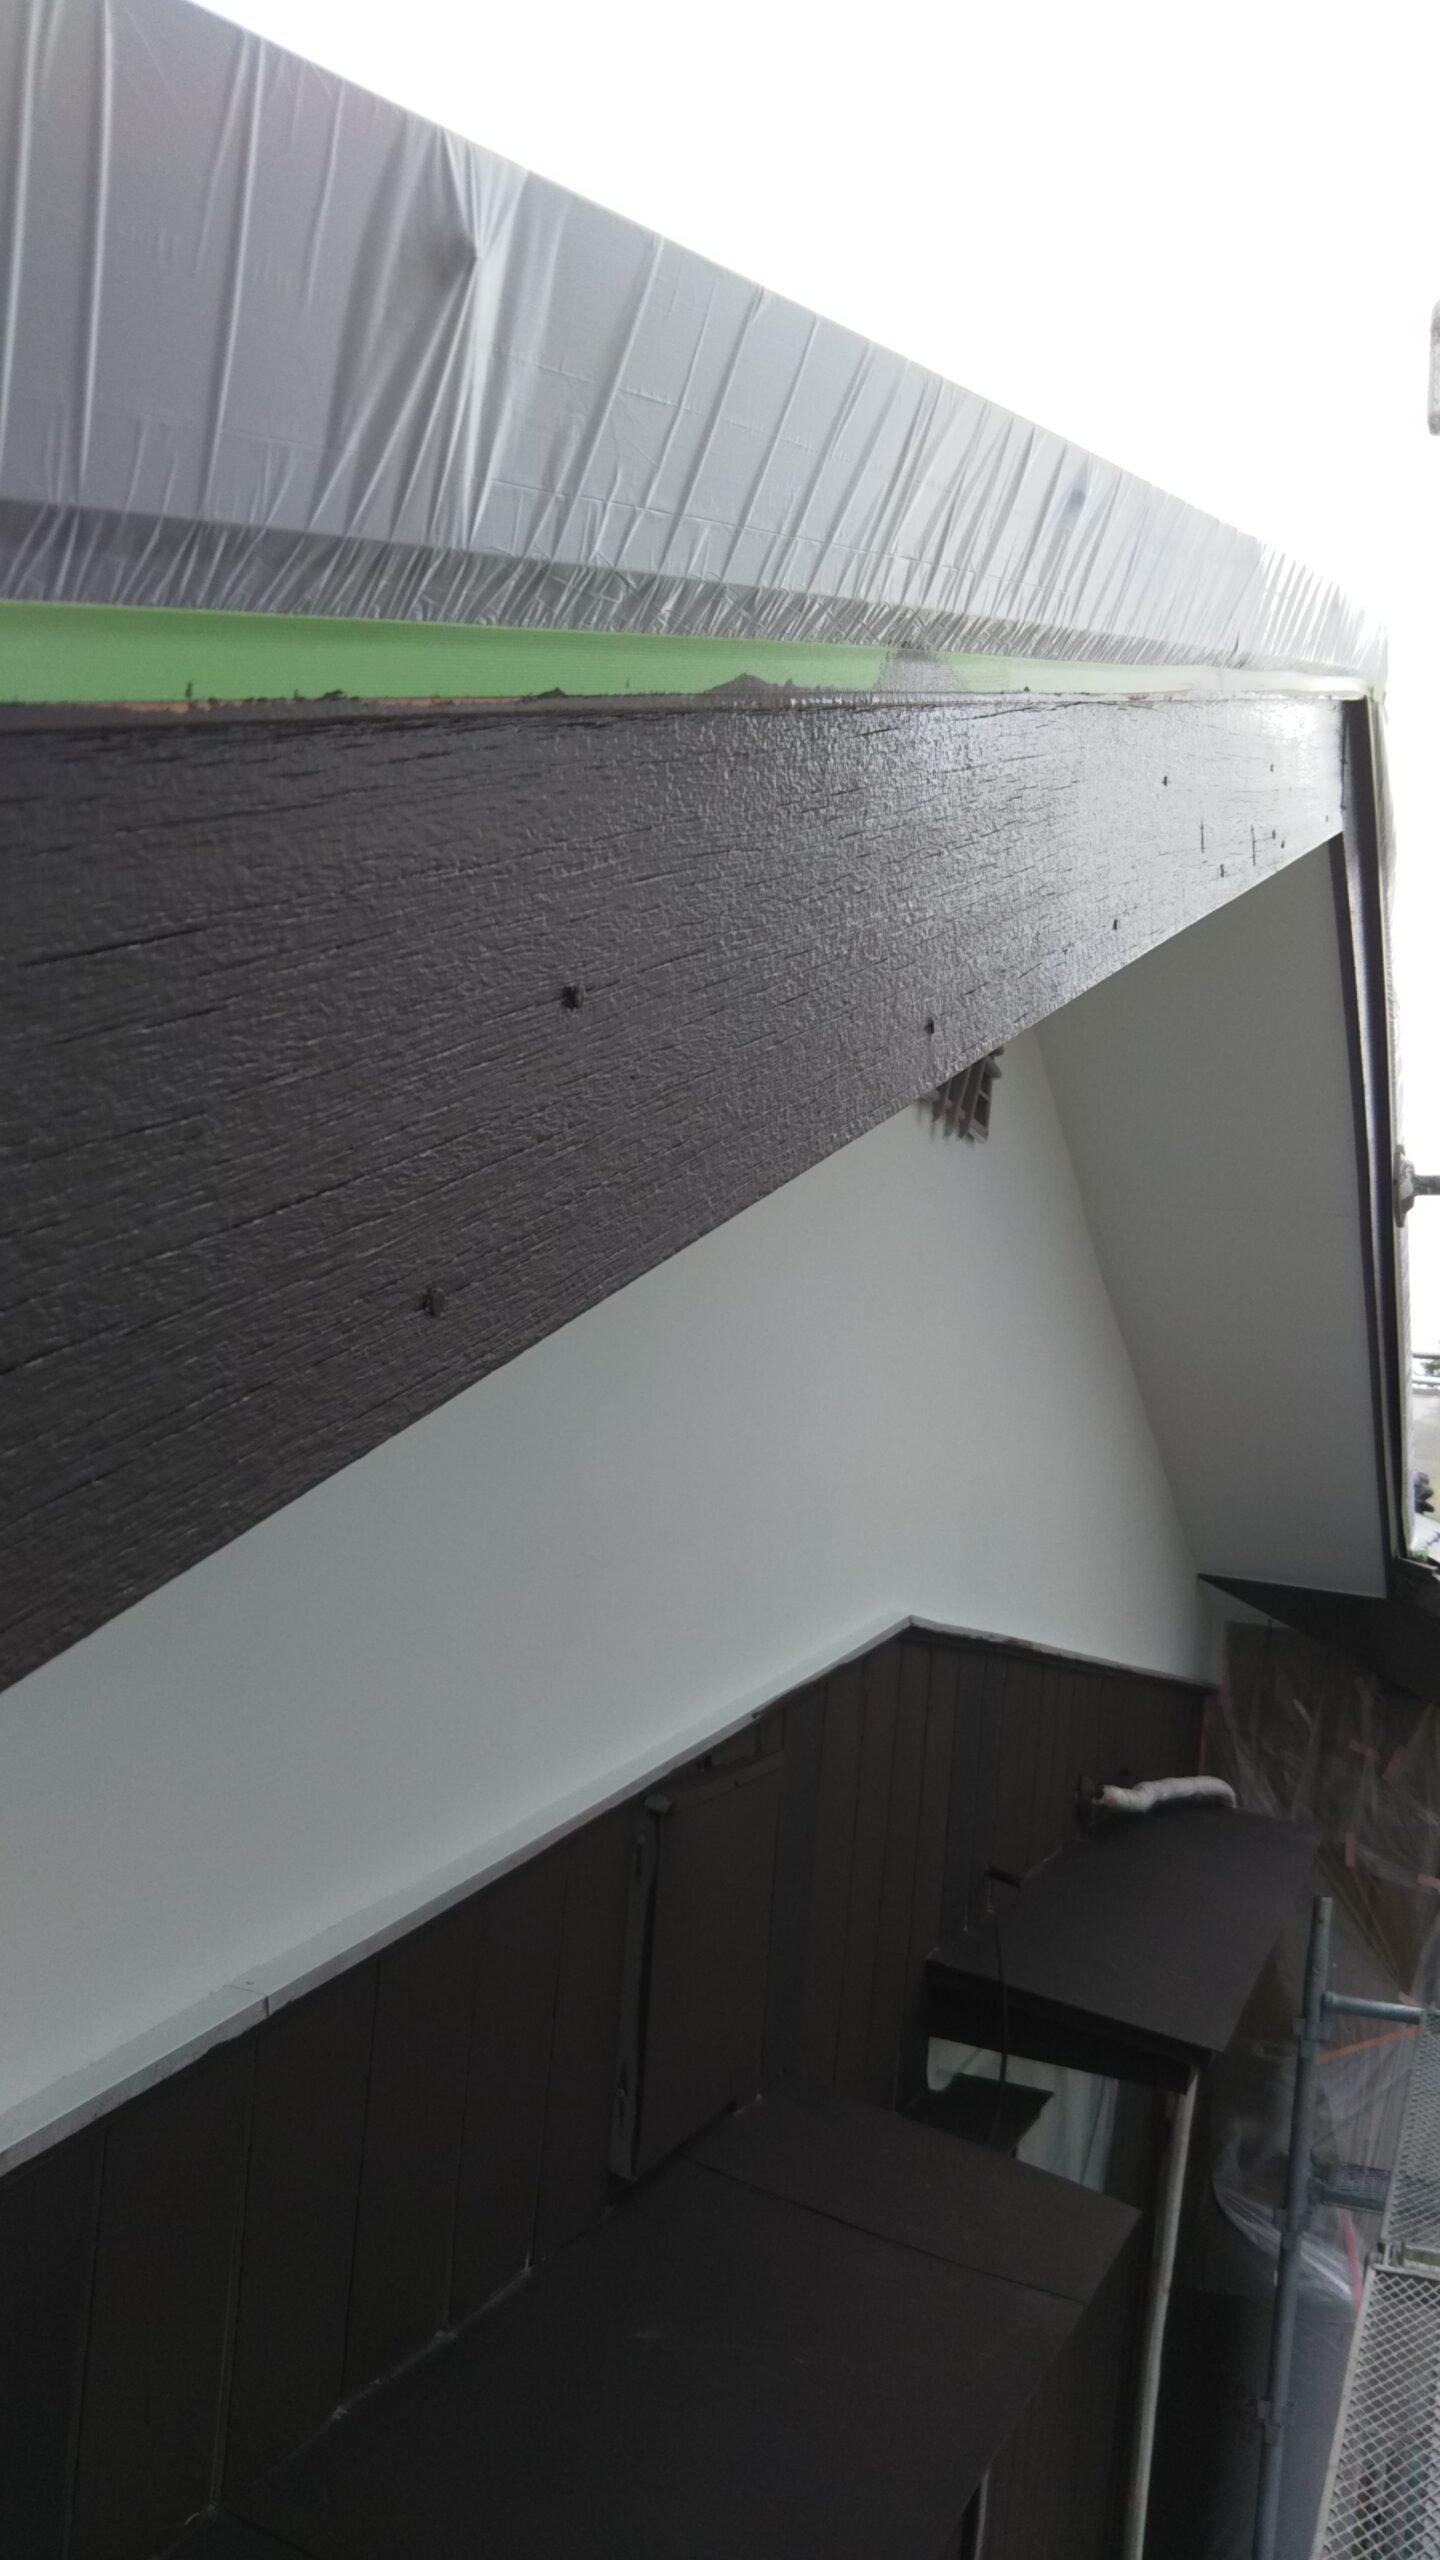 埼玉県蓮田市のK様邸にて塗り替えリフォーム中 破風板の塗装と外壁の下塗り